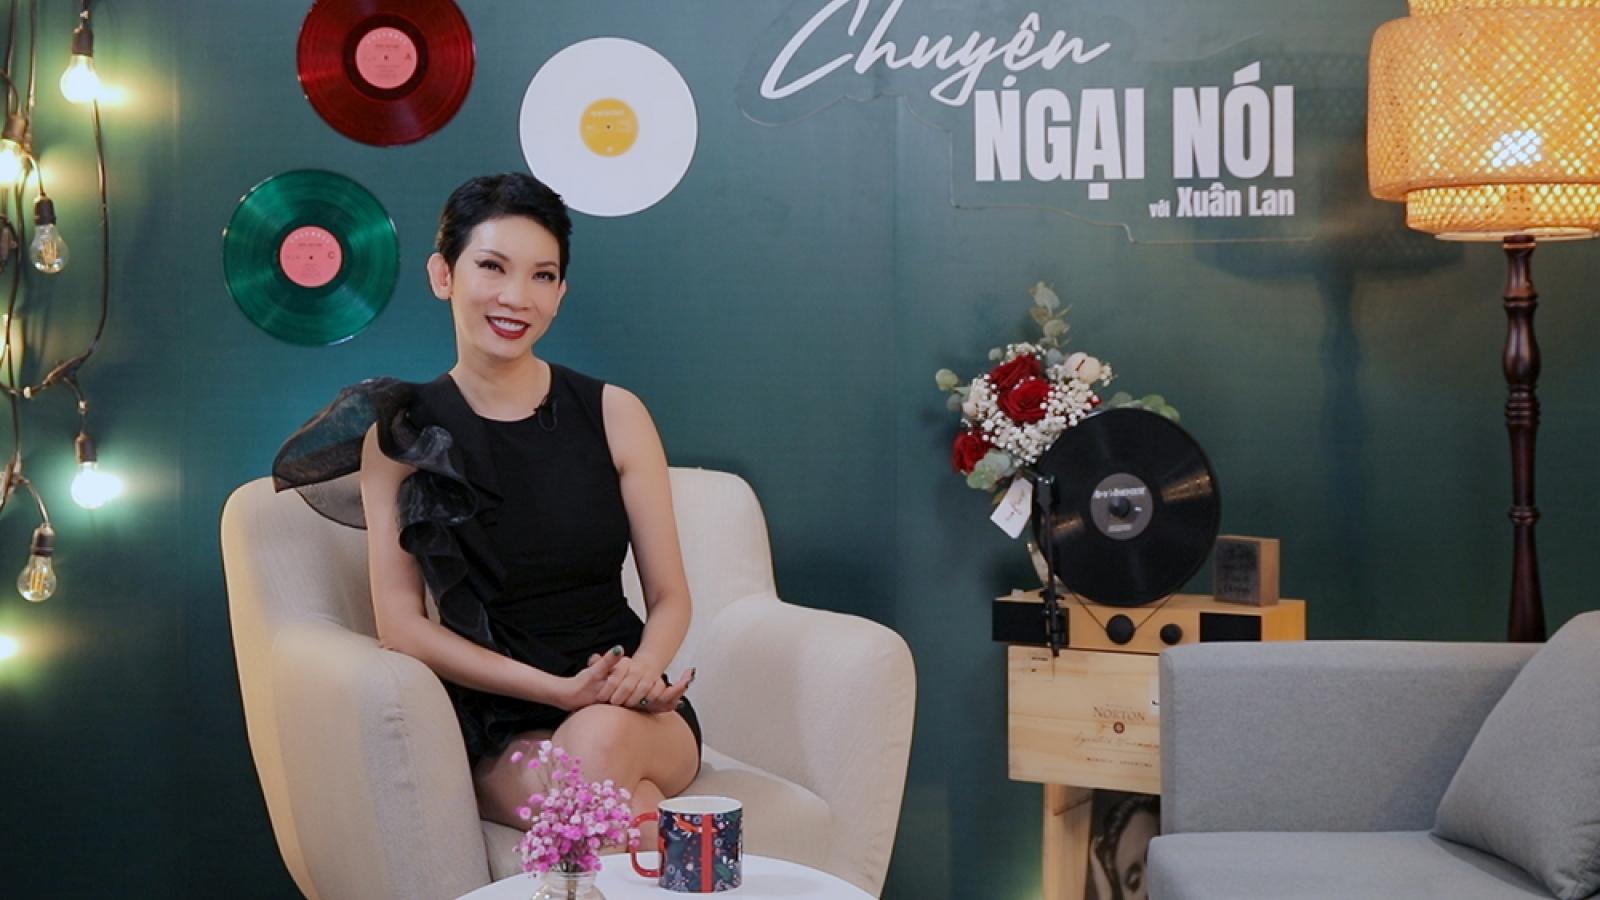 """Siêu mẫu Xuân Lan bất ngờ lên tiếng về """"kẻ thứ ba"""" sau khi kết hôn"""